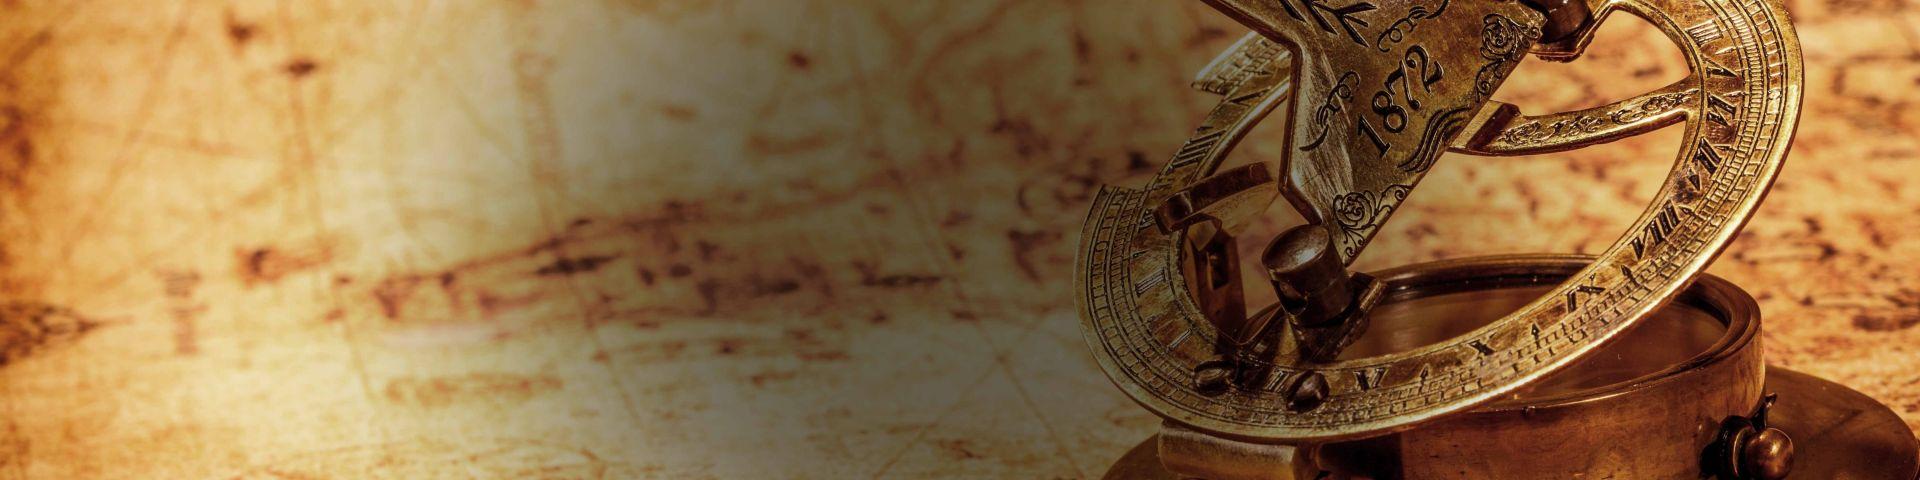 News_ Compass.jpg